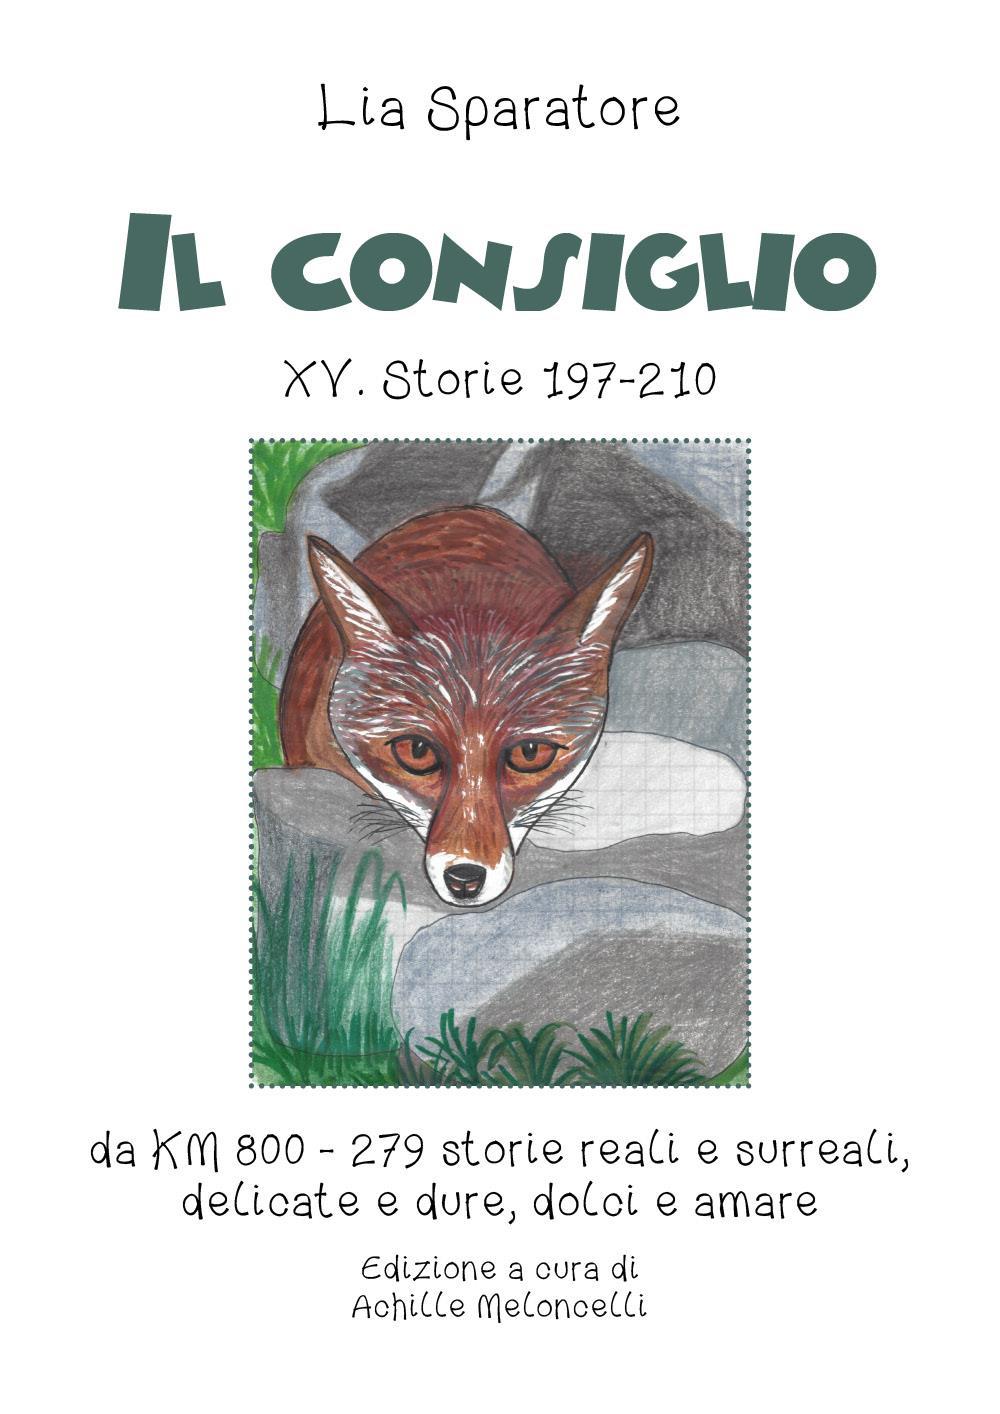 Il consiglio XV. Storie 197-210 da KM 800 - 279 storie reali e surreali, delicate e dure, dolci e amare